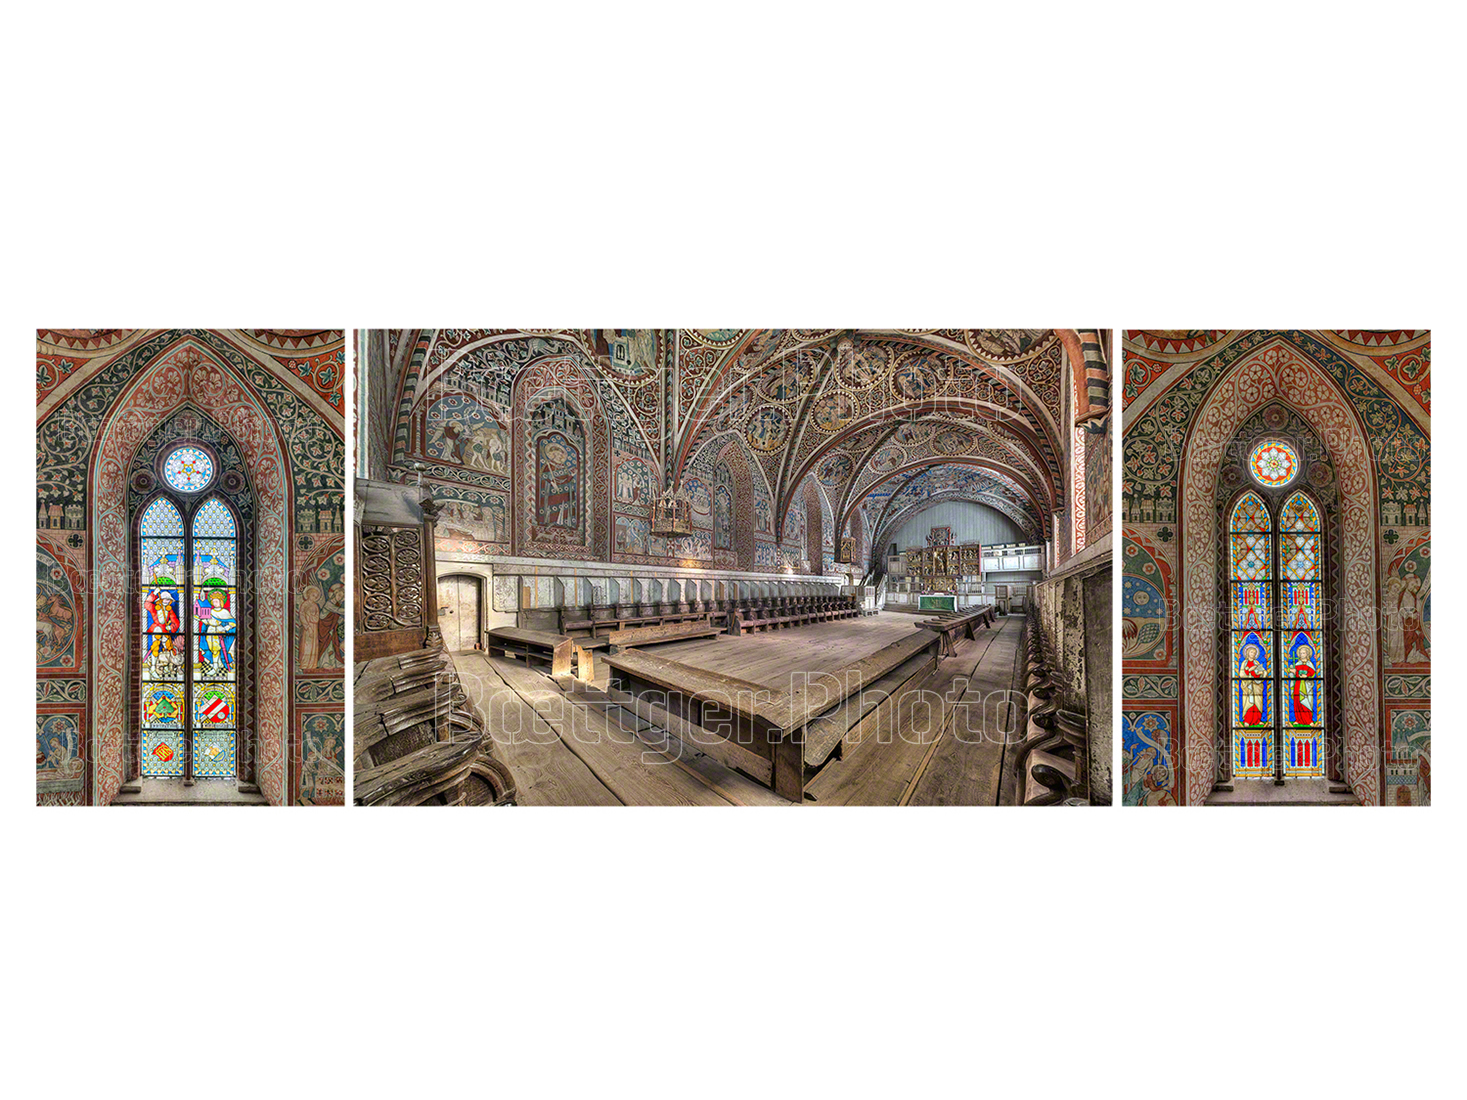 Kloster Wienhausen Nonnenchor Triptychon